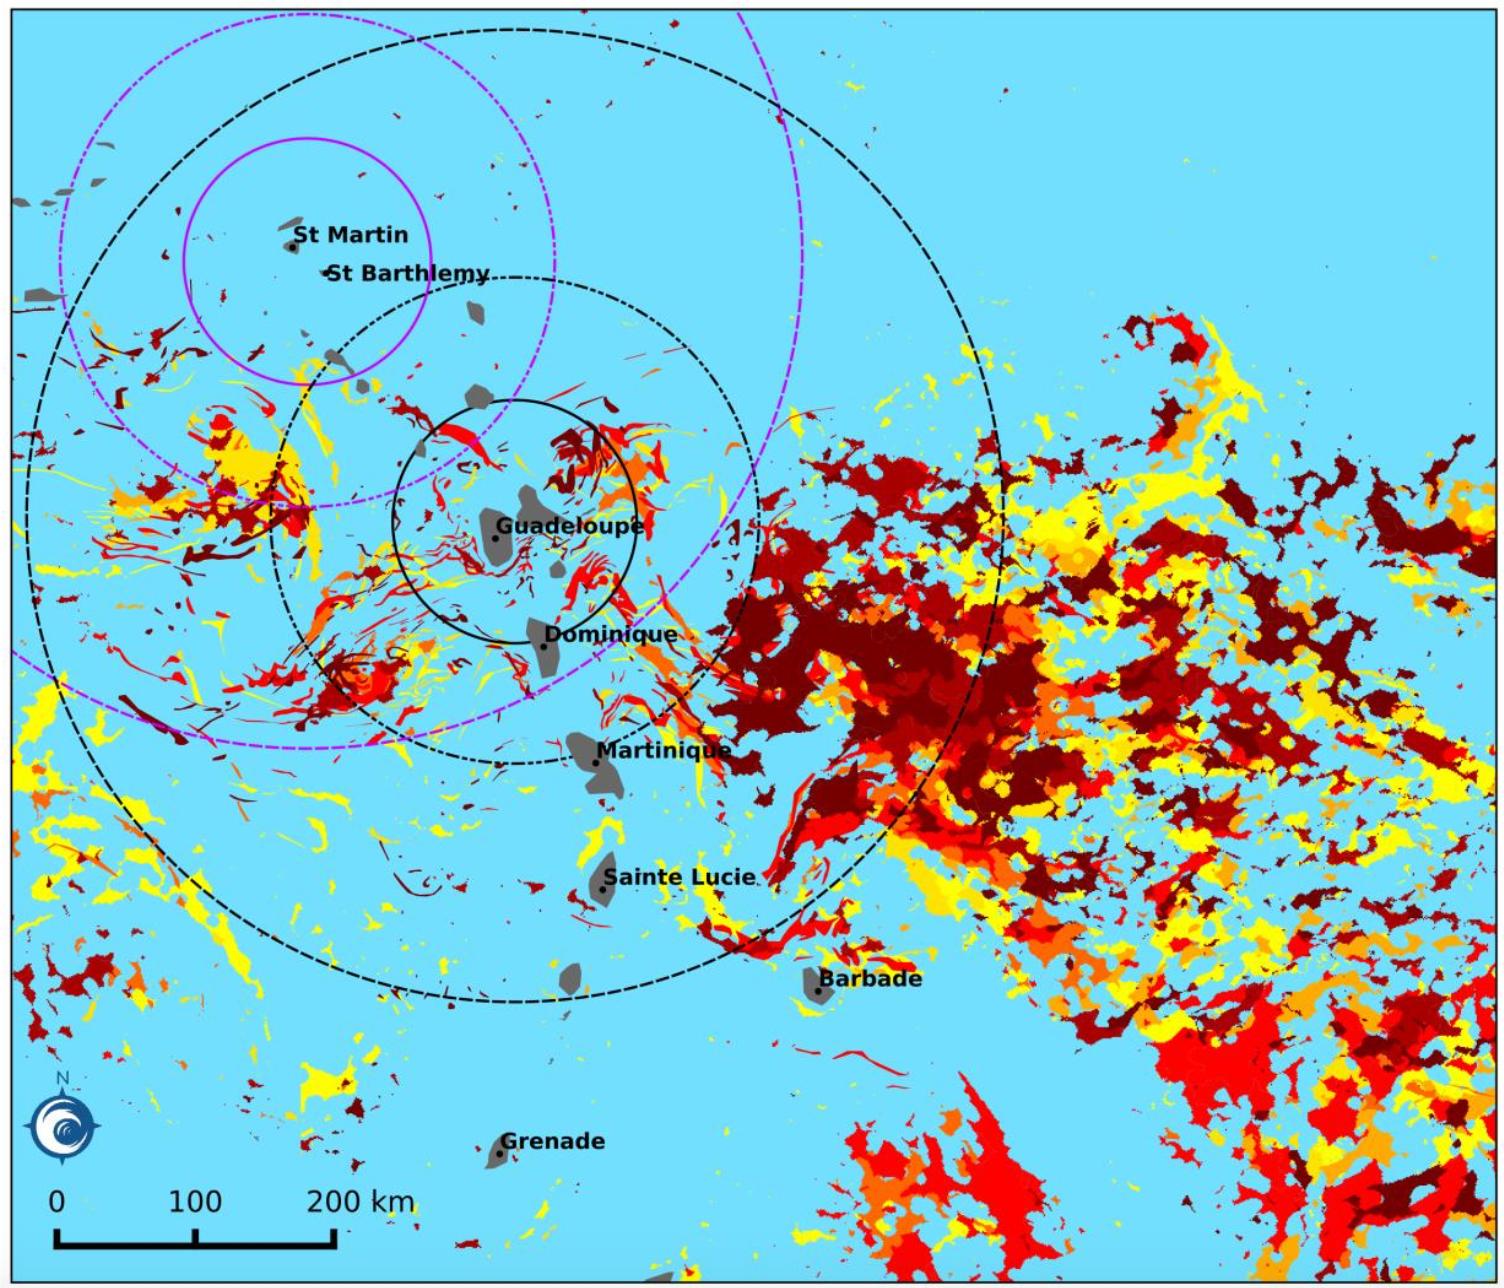 carte sargasses guadeloupe 2020 Guadeloupe: Les algues sargasses envahissent le littoral, le